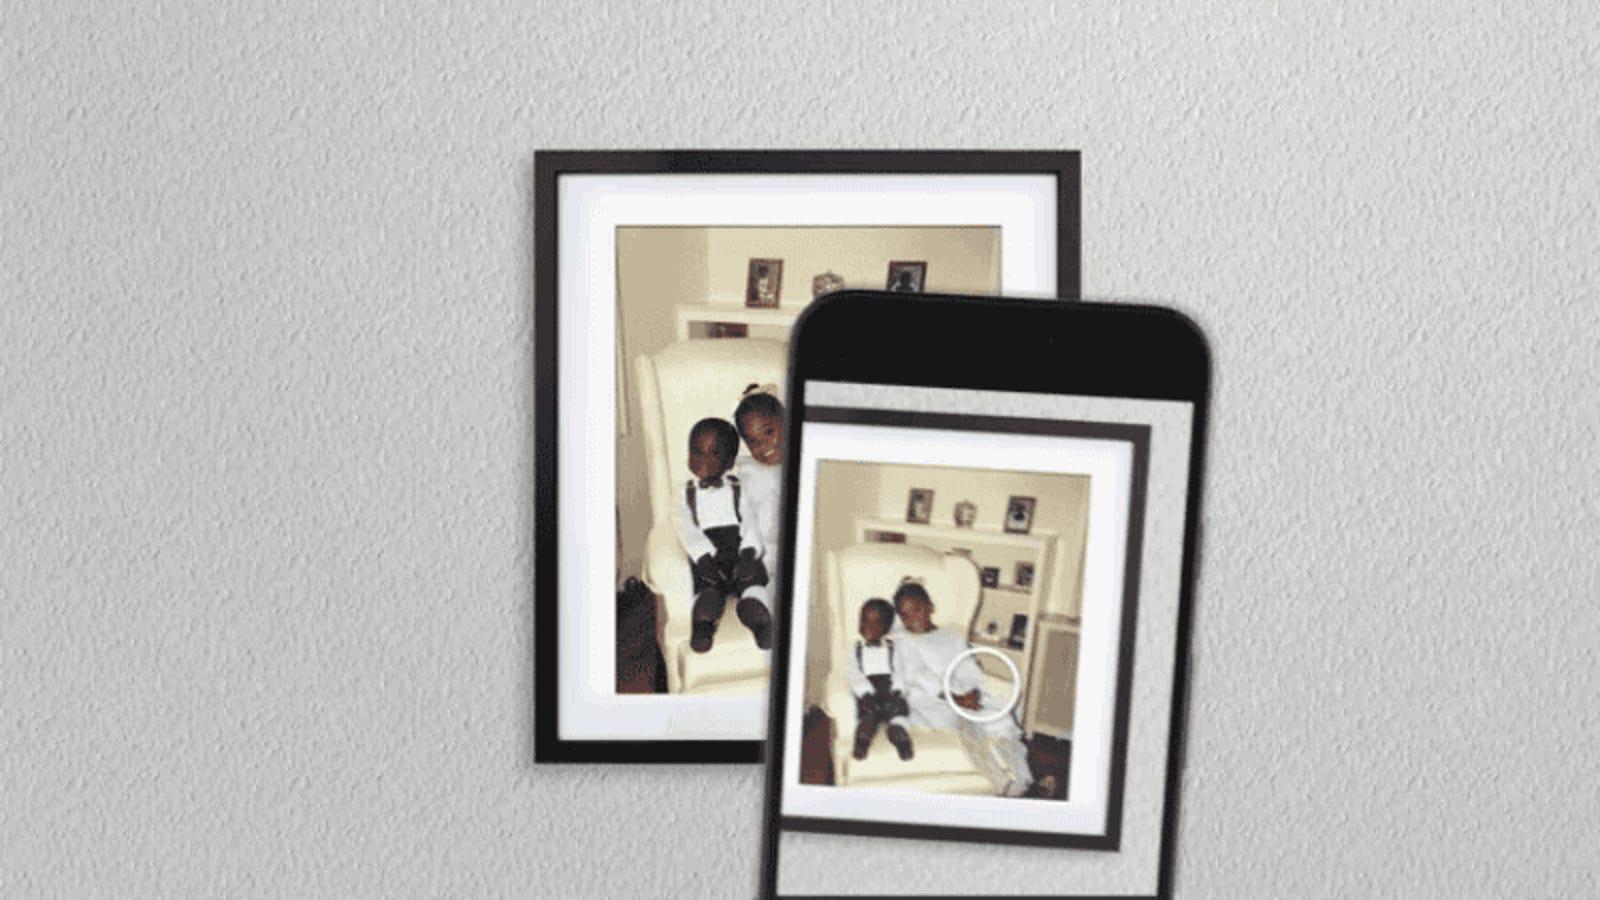 Google ha sacado una aplicación para escanear fotos que es absurdamente rápida y fácil de usar